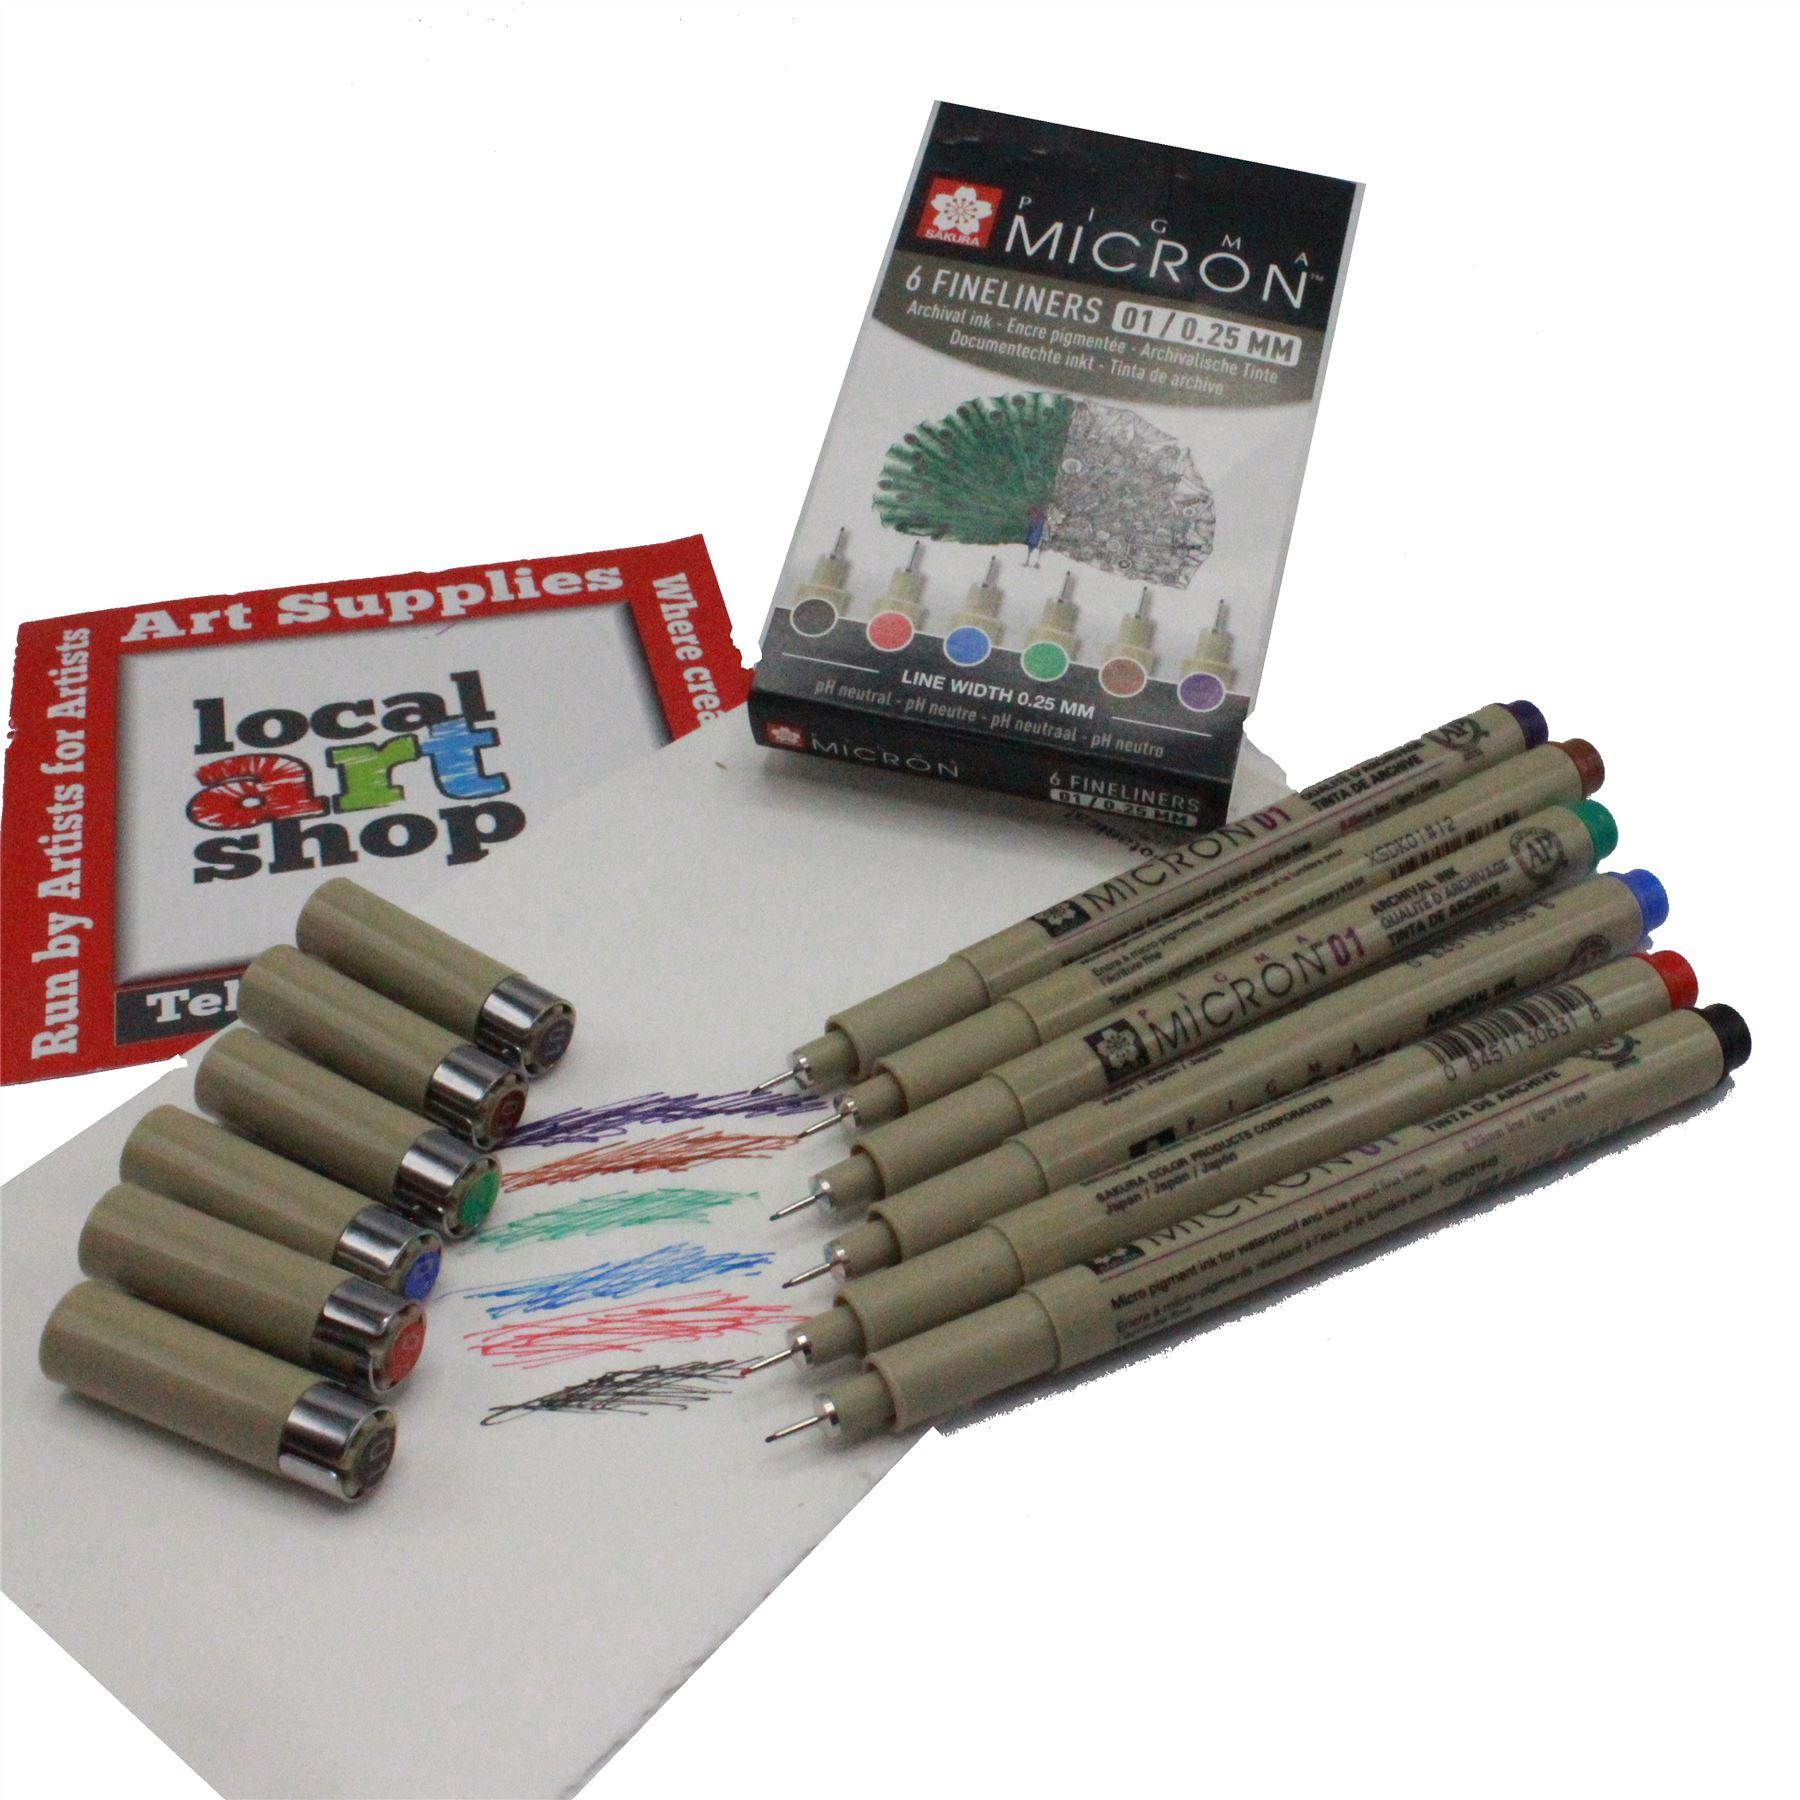 0.25mm colour fineliner Sakura Pigma micron pen set 6 assorted colours 01